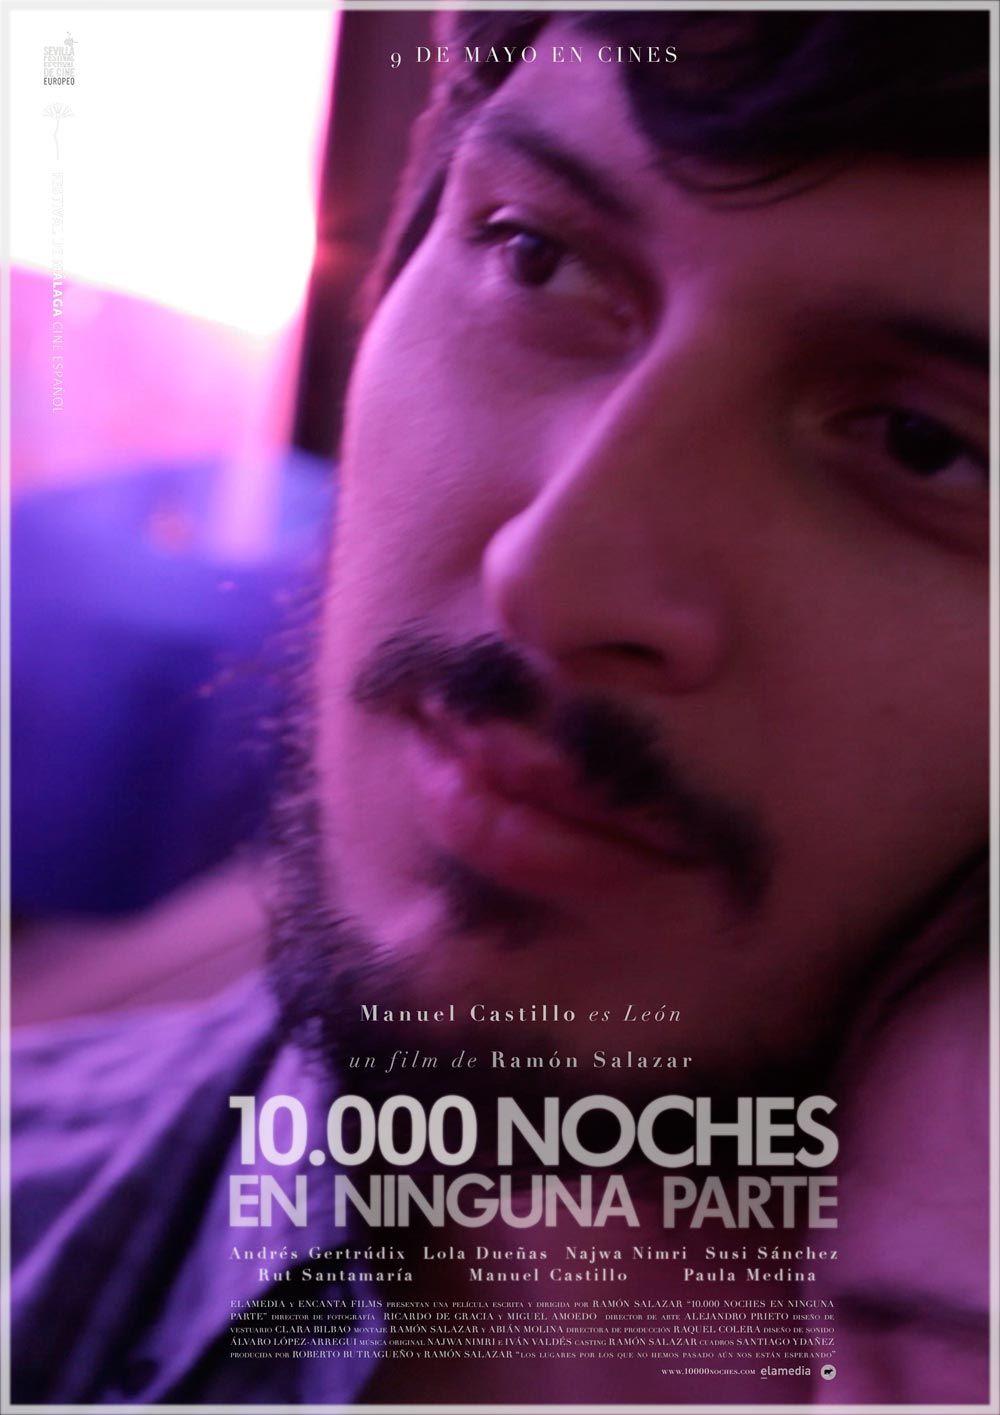 10.000 noches en ninguna parte (2013), Ramón Salazar.